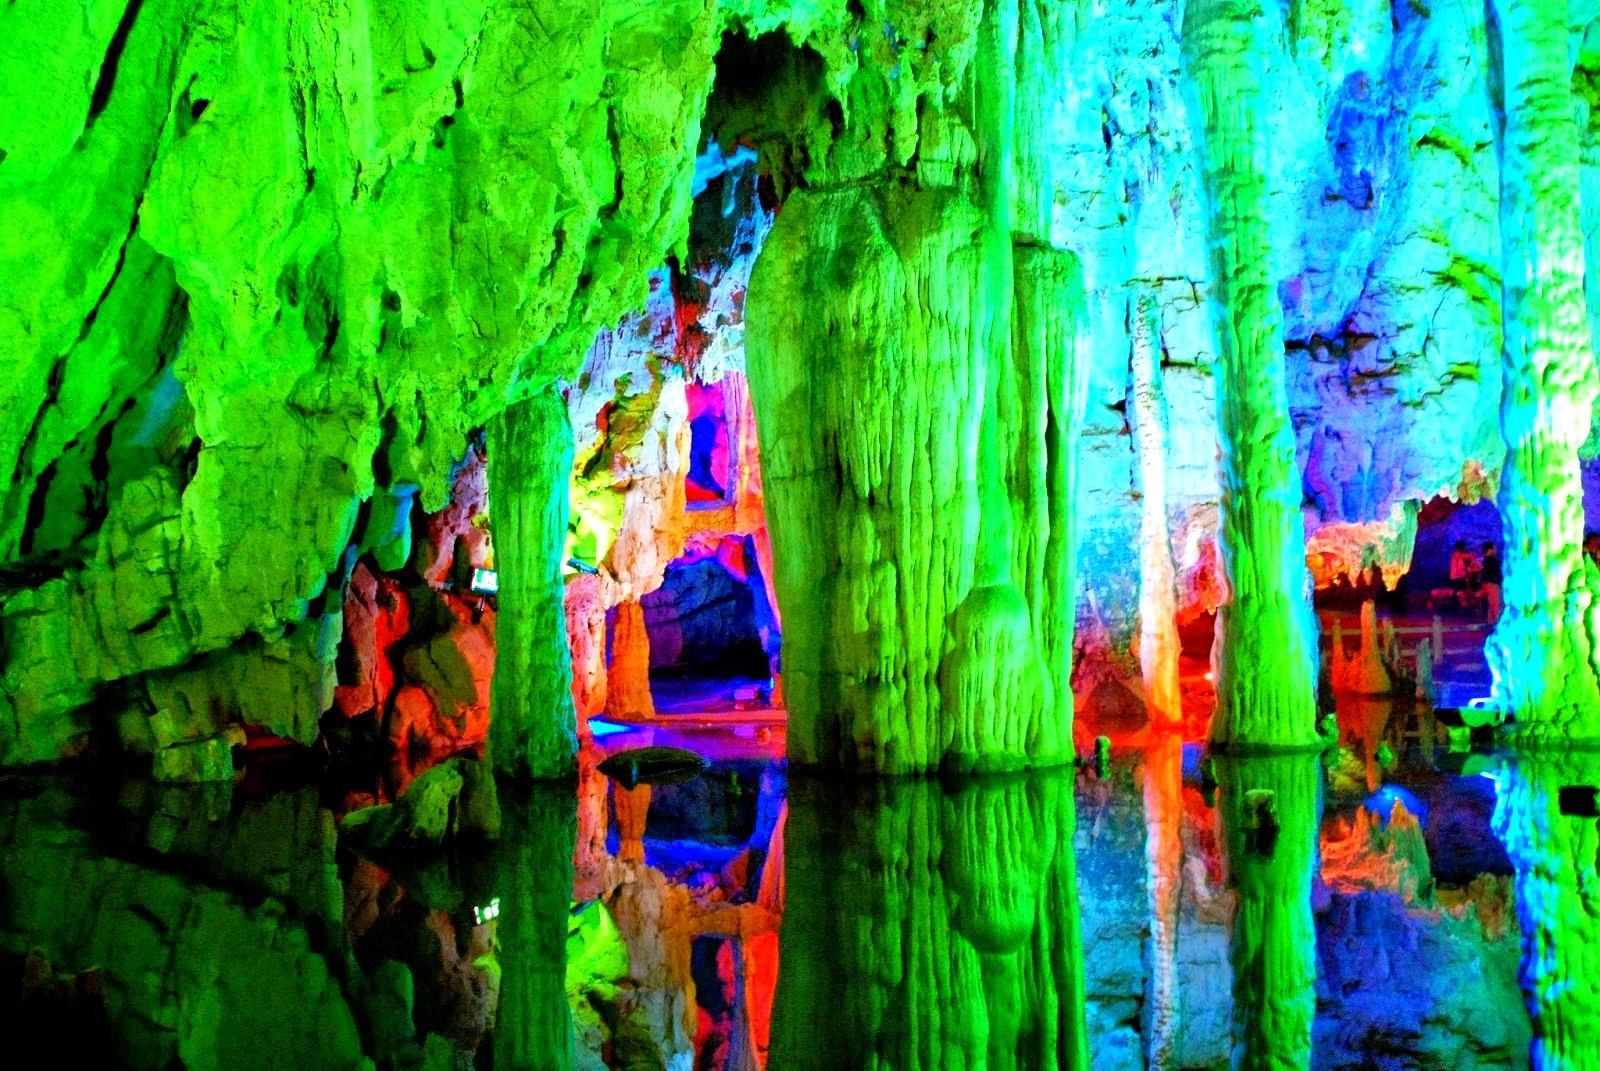 подземное царство красок